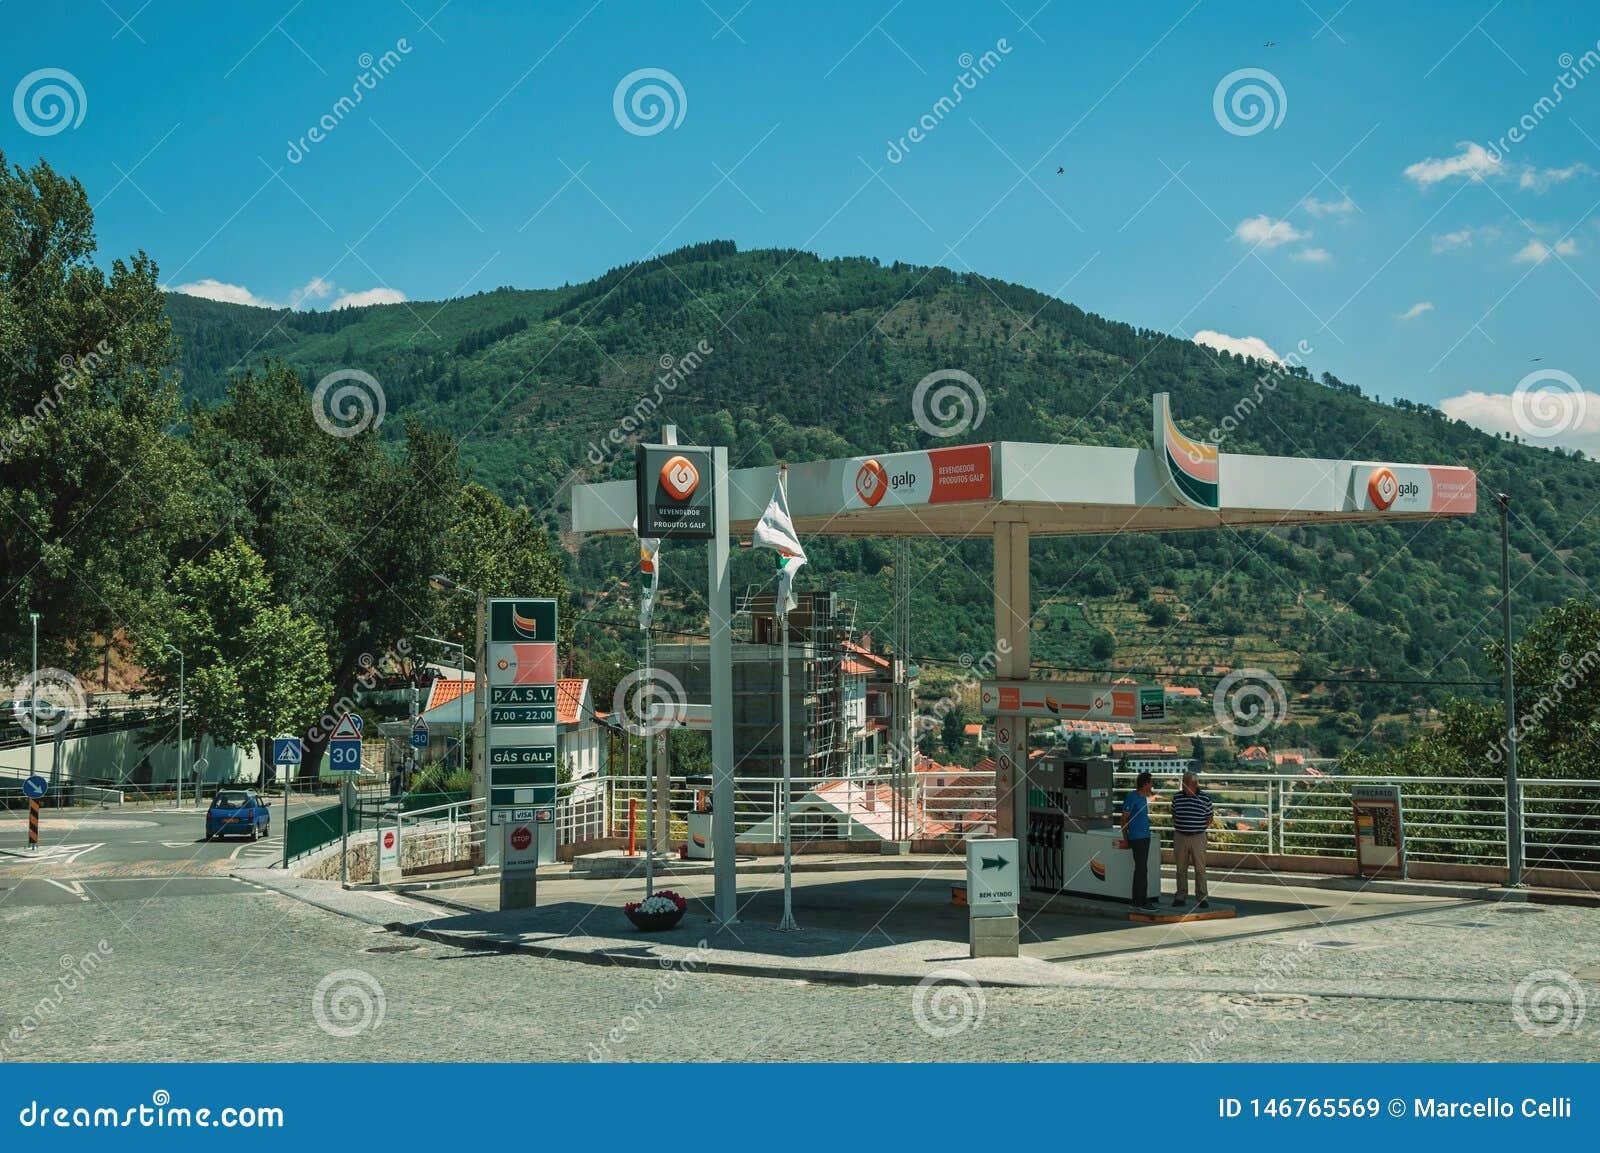 Benzynowa stacja na ulicznym i g?rkowatym krajobrazie